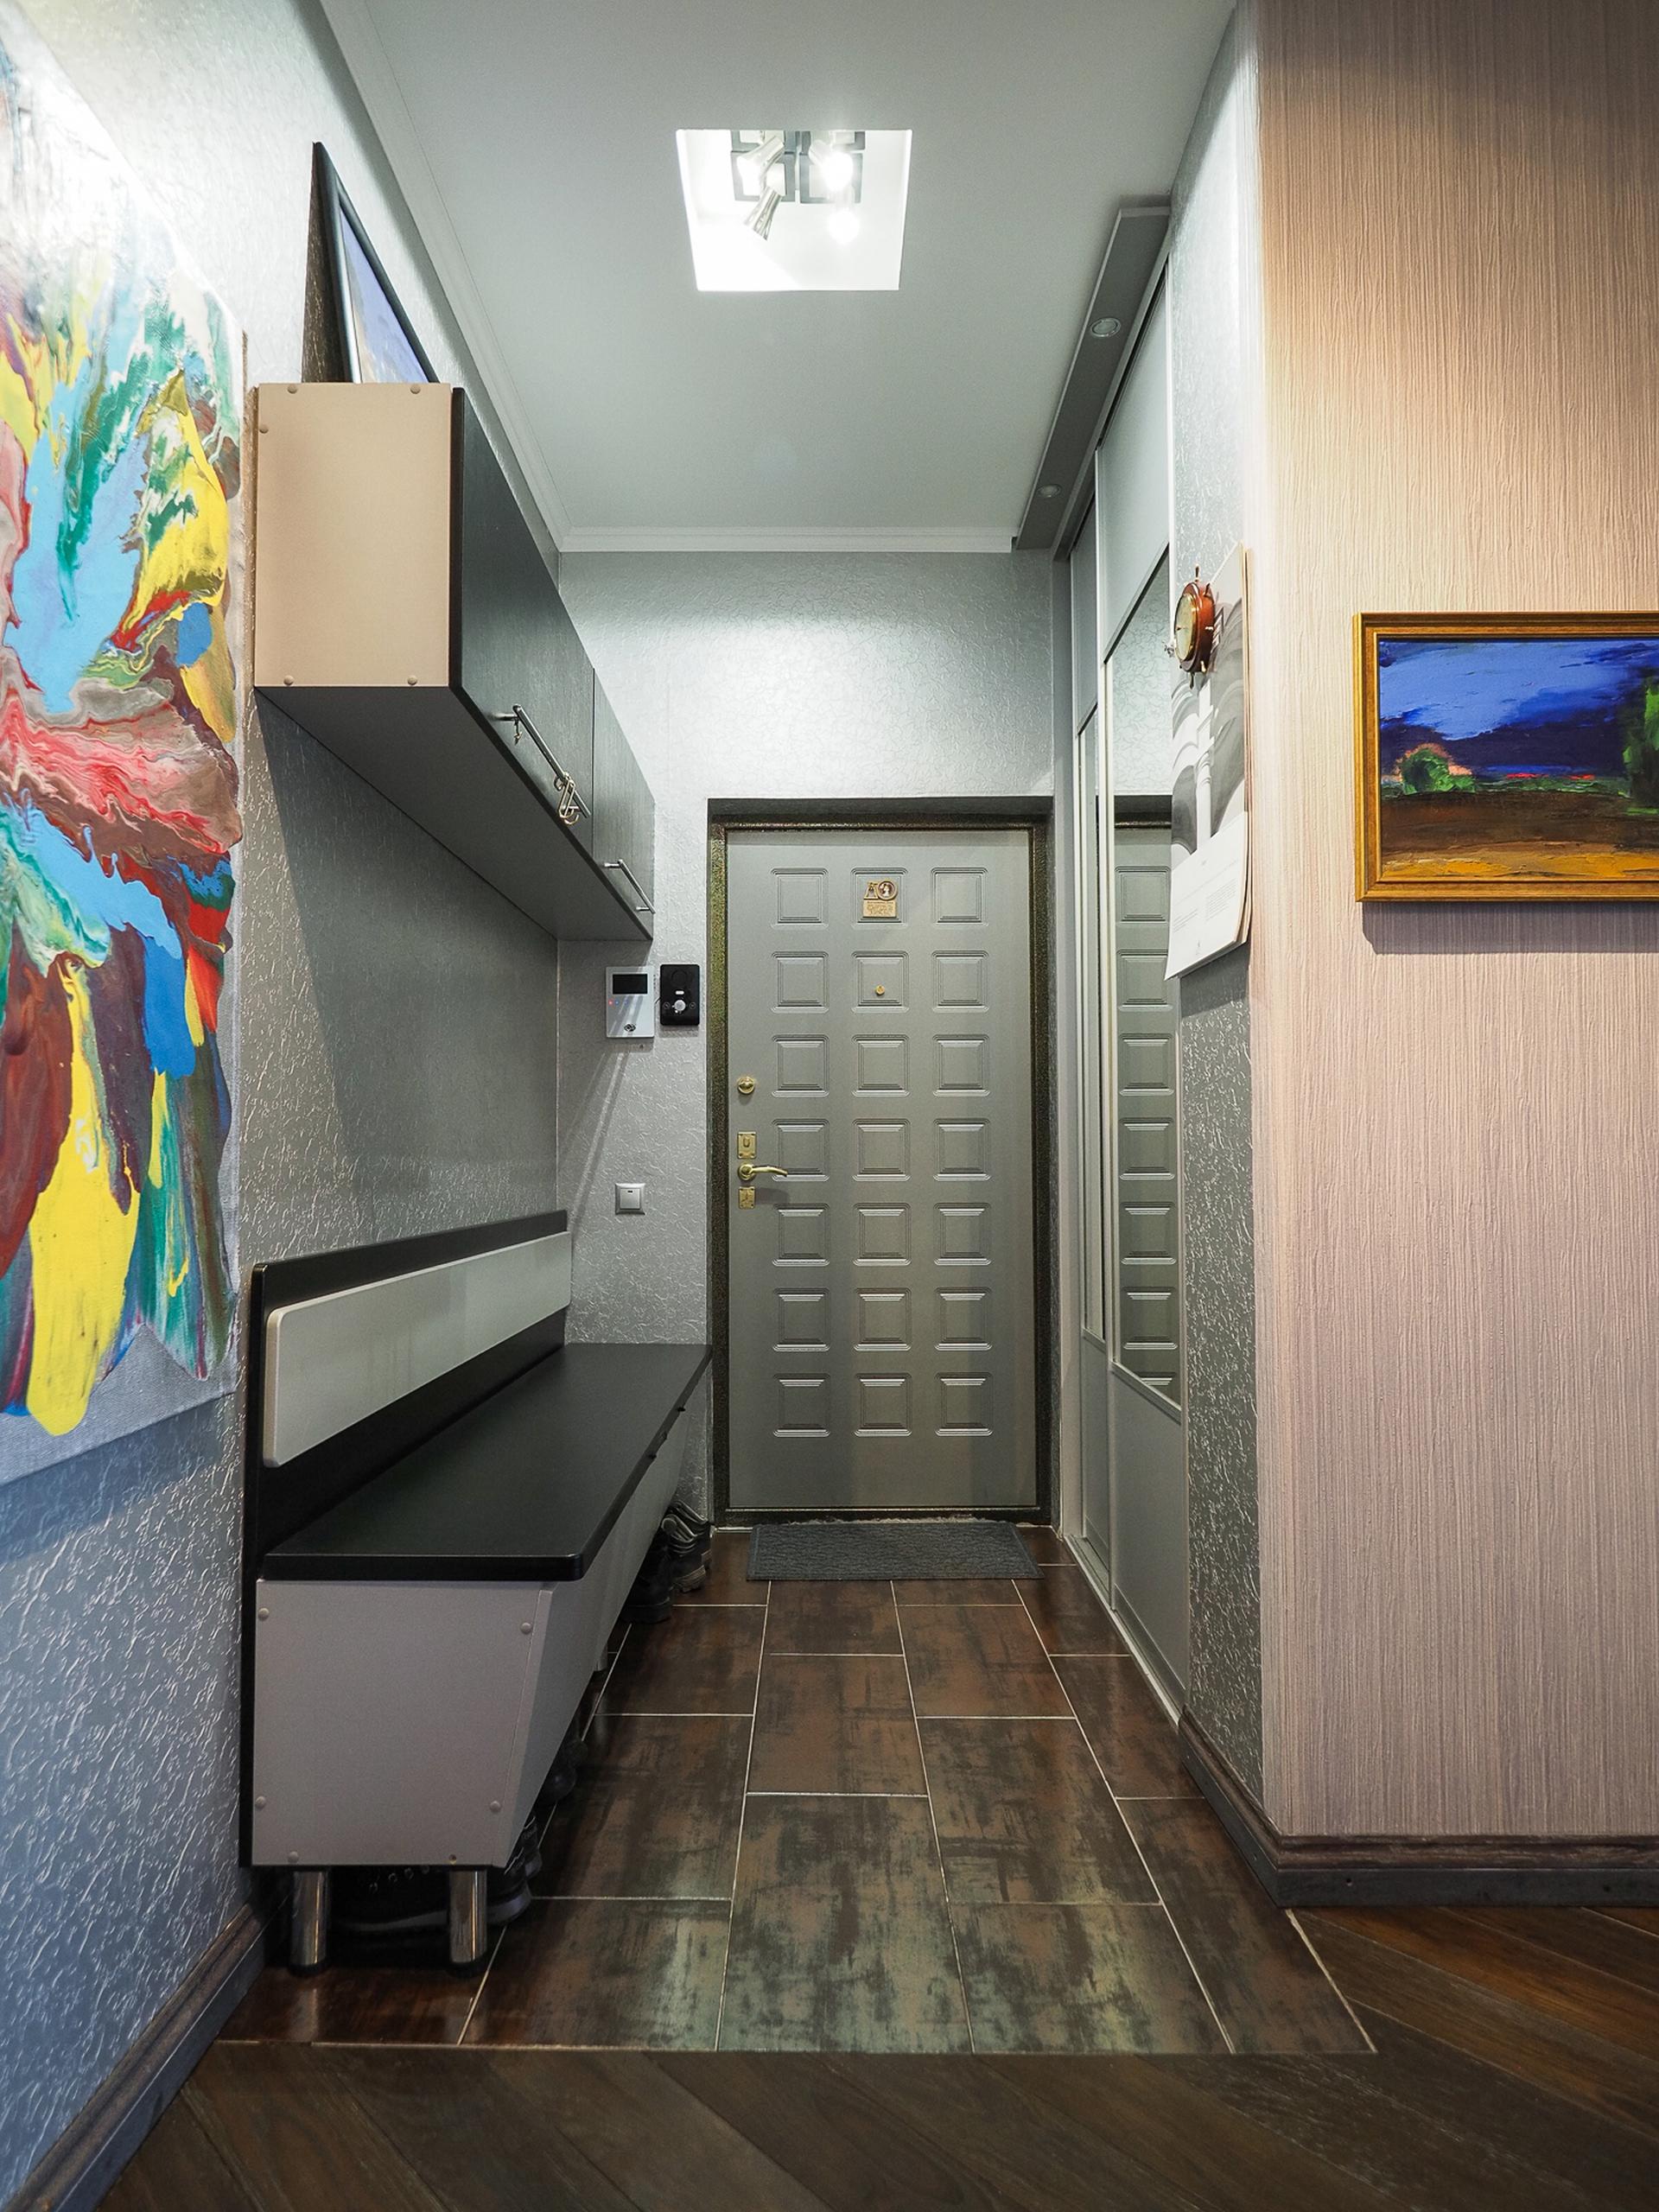 видовая квартира 22 этаж 100 Кв м 19